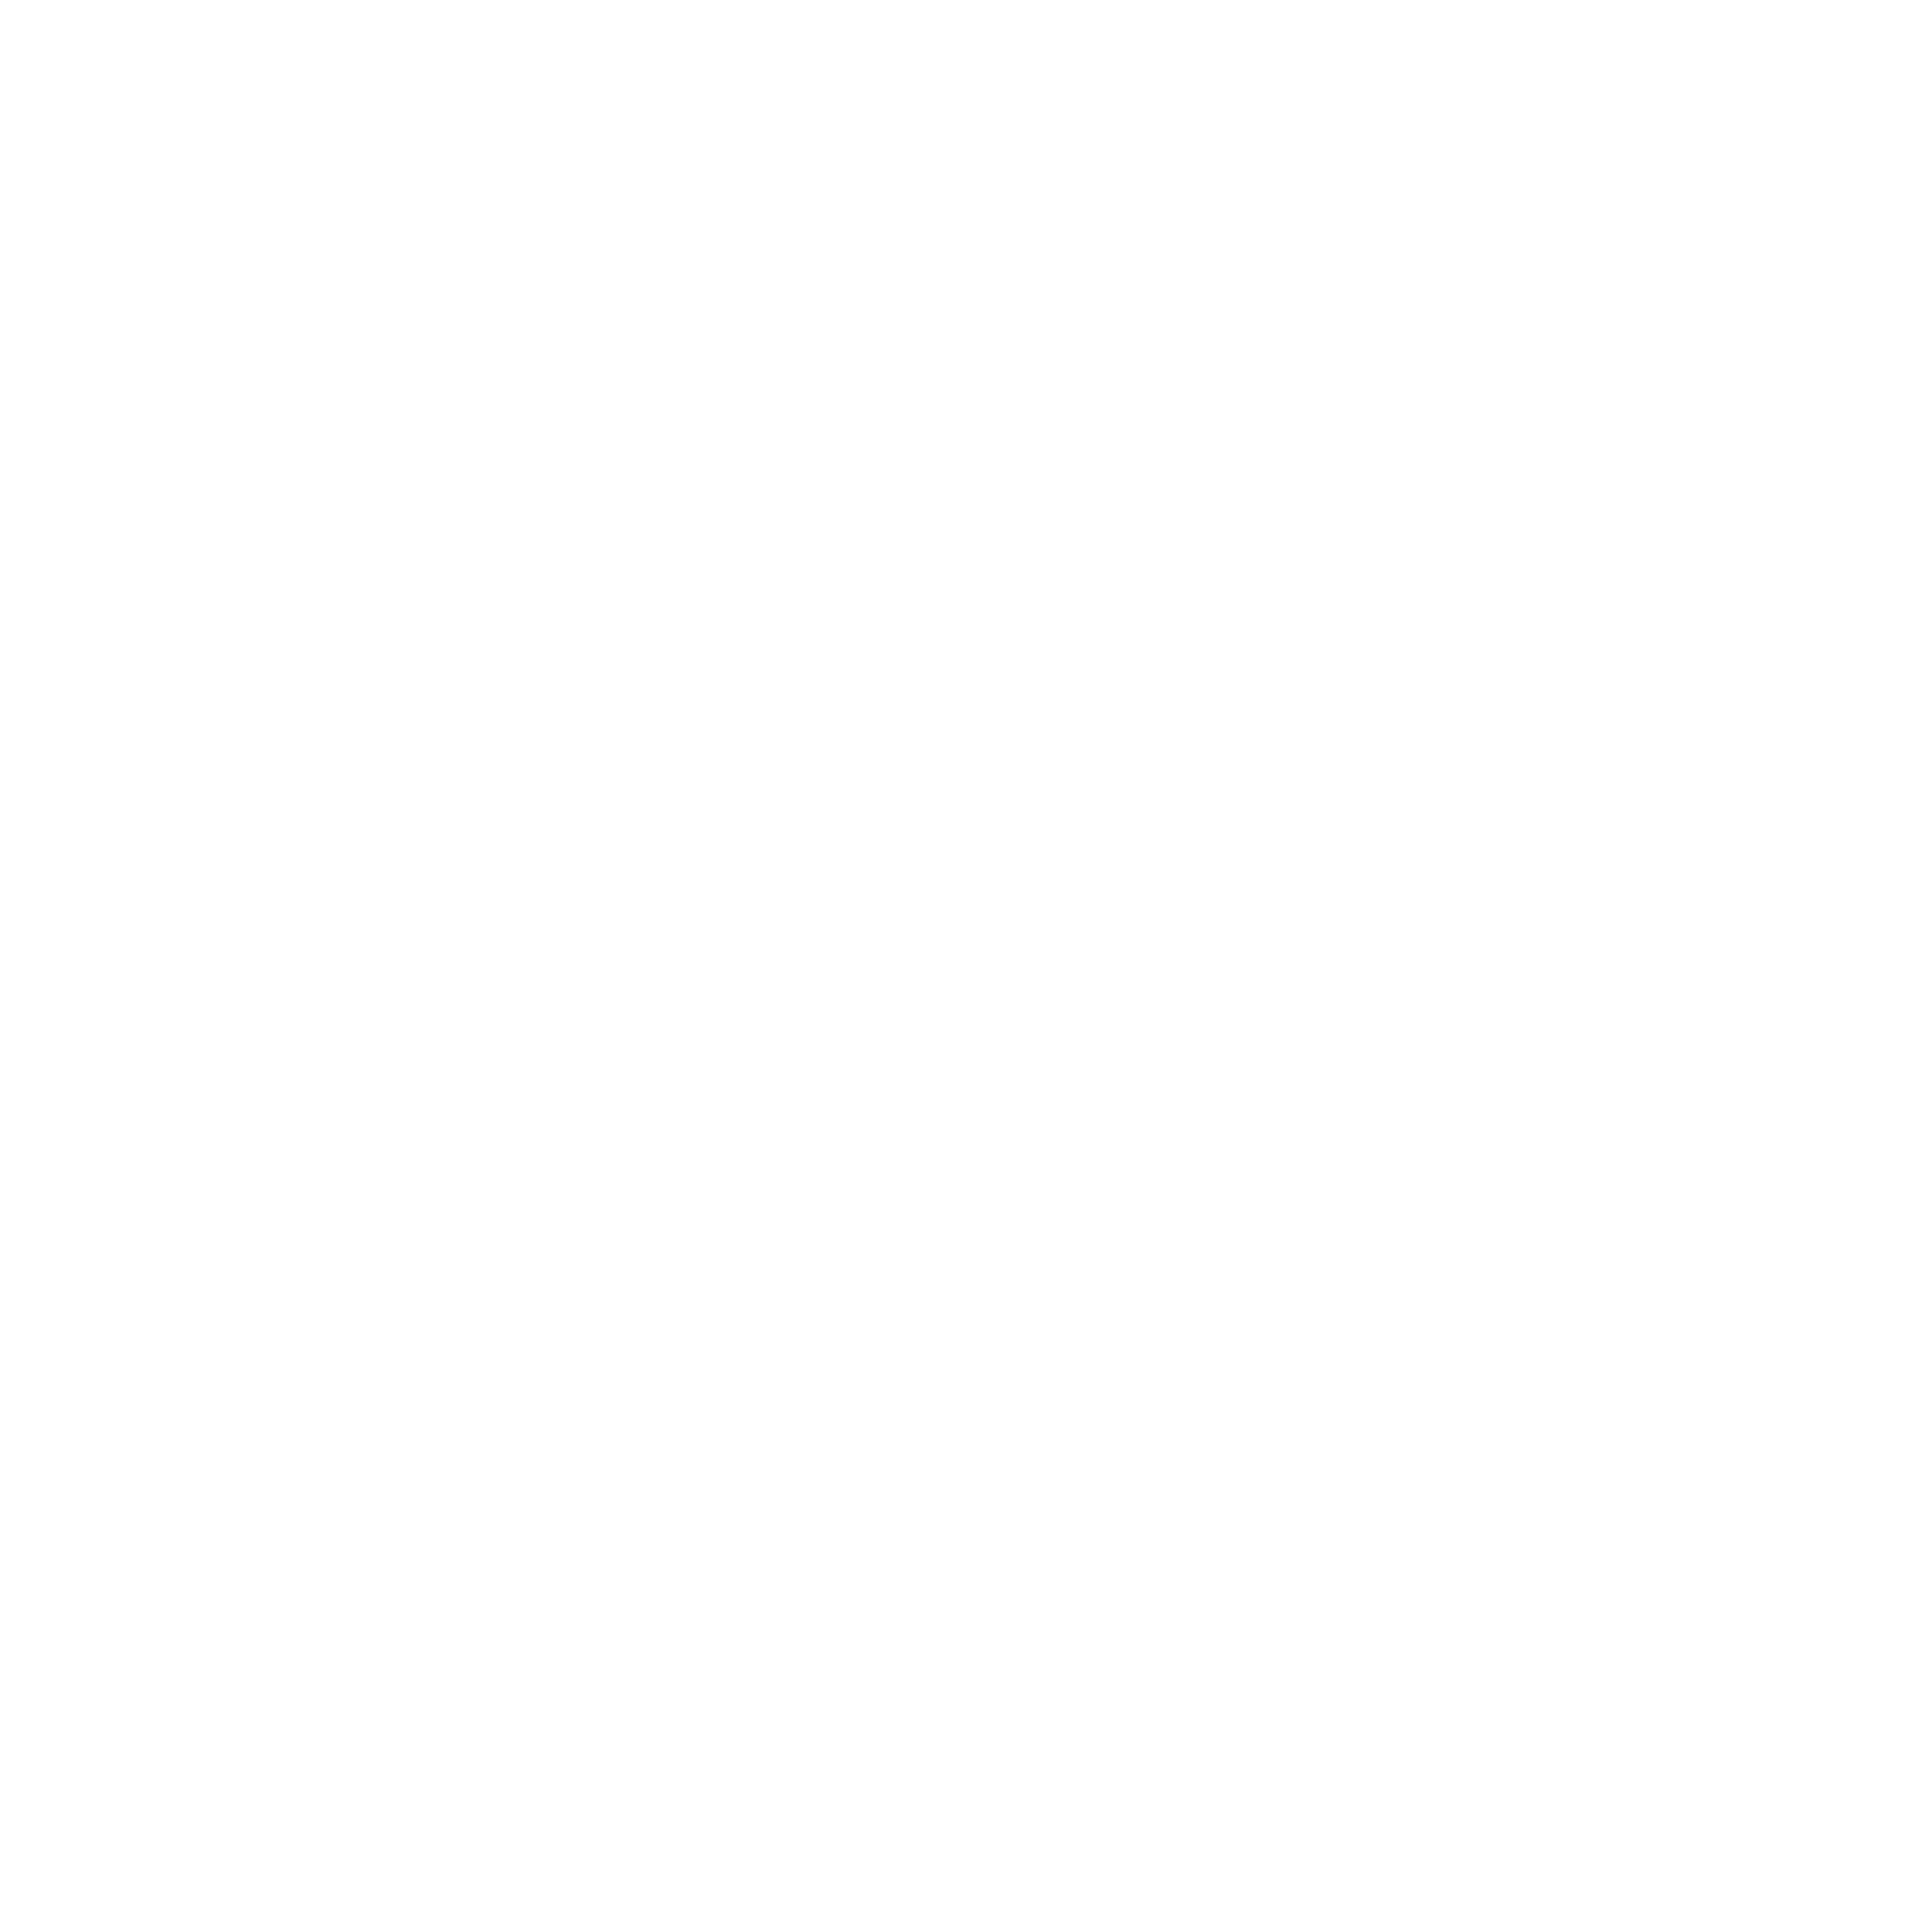 Icons8 - В контакте (32, белый)